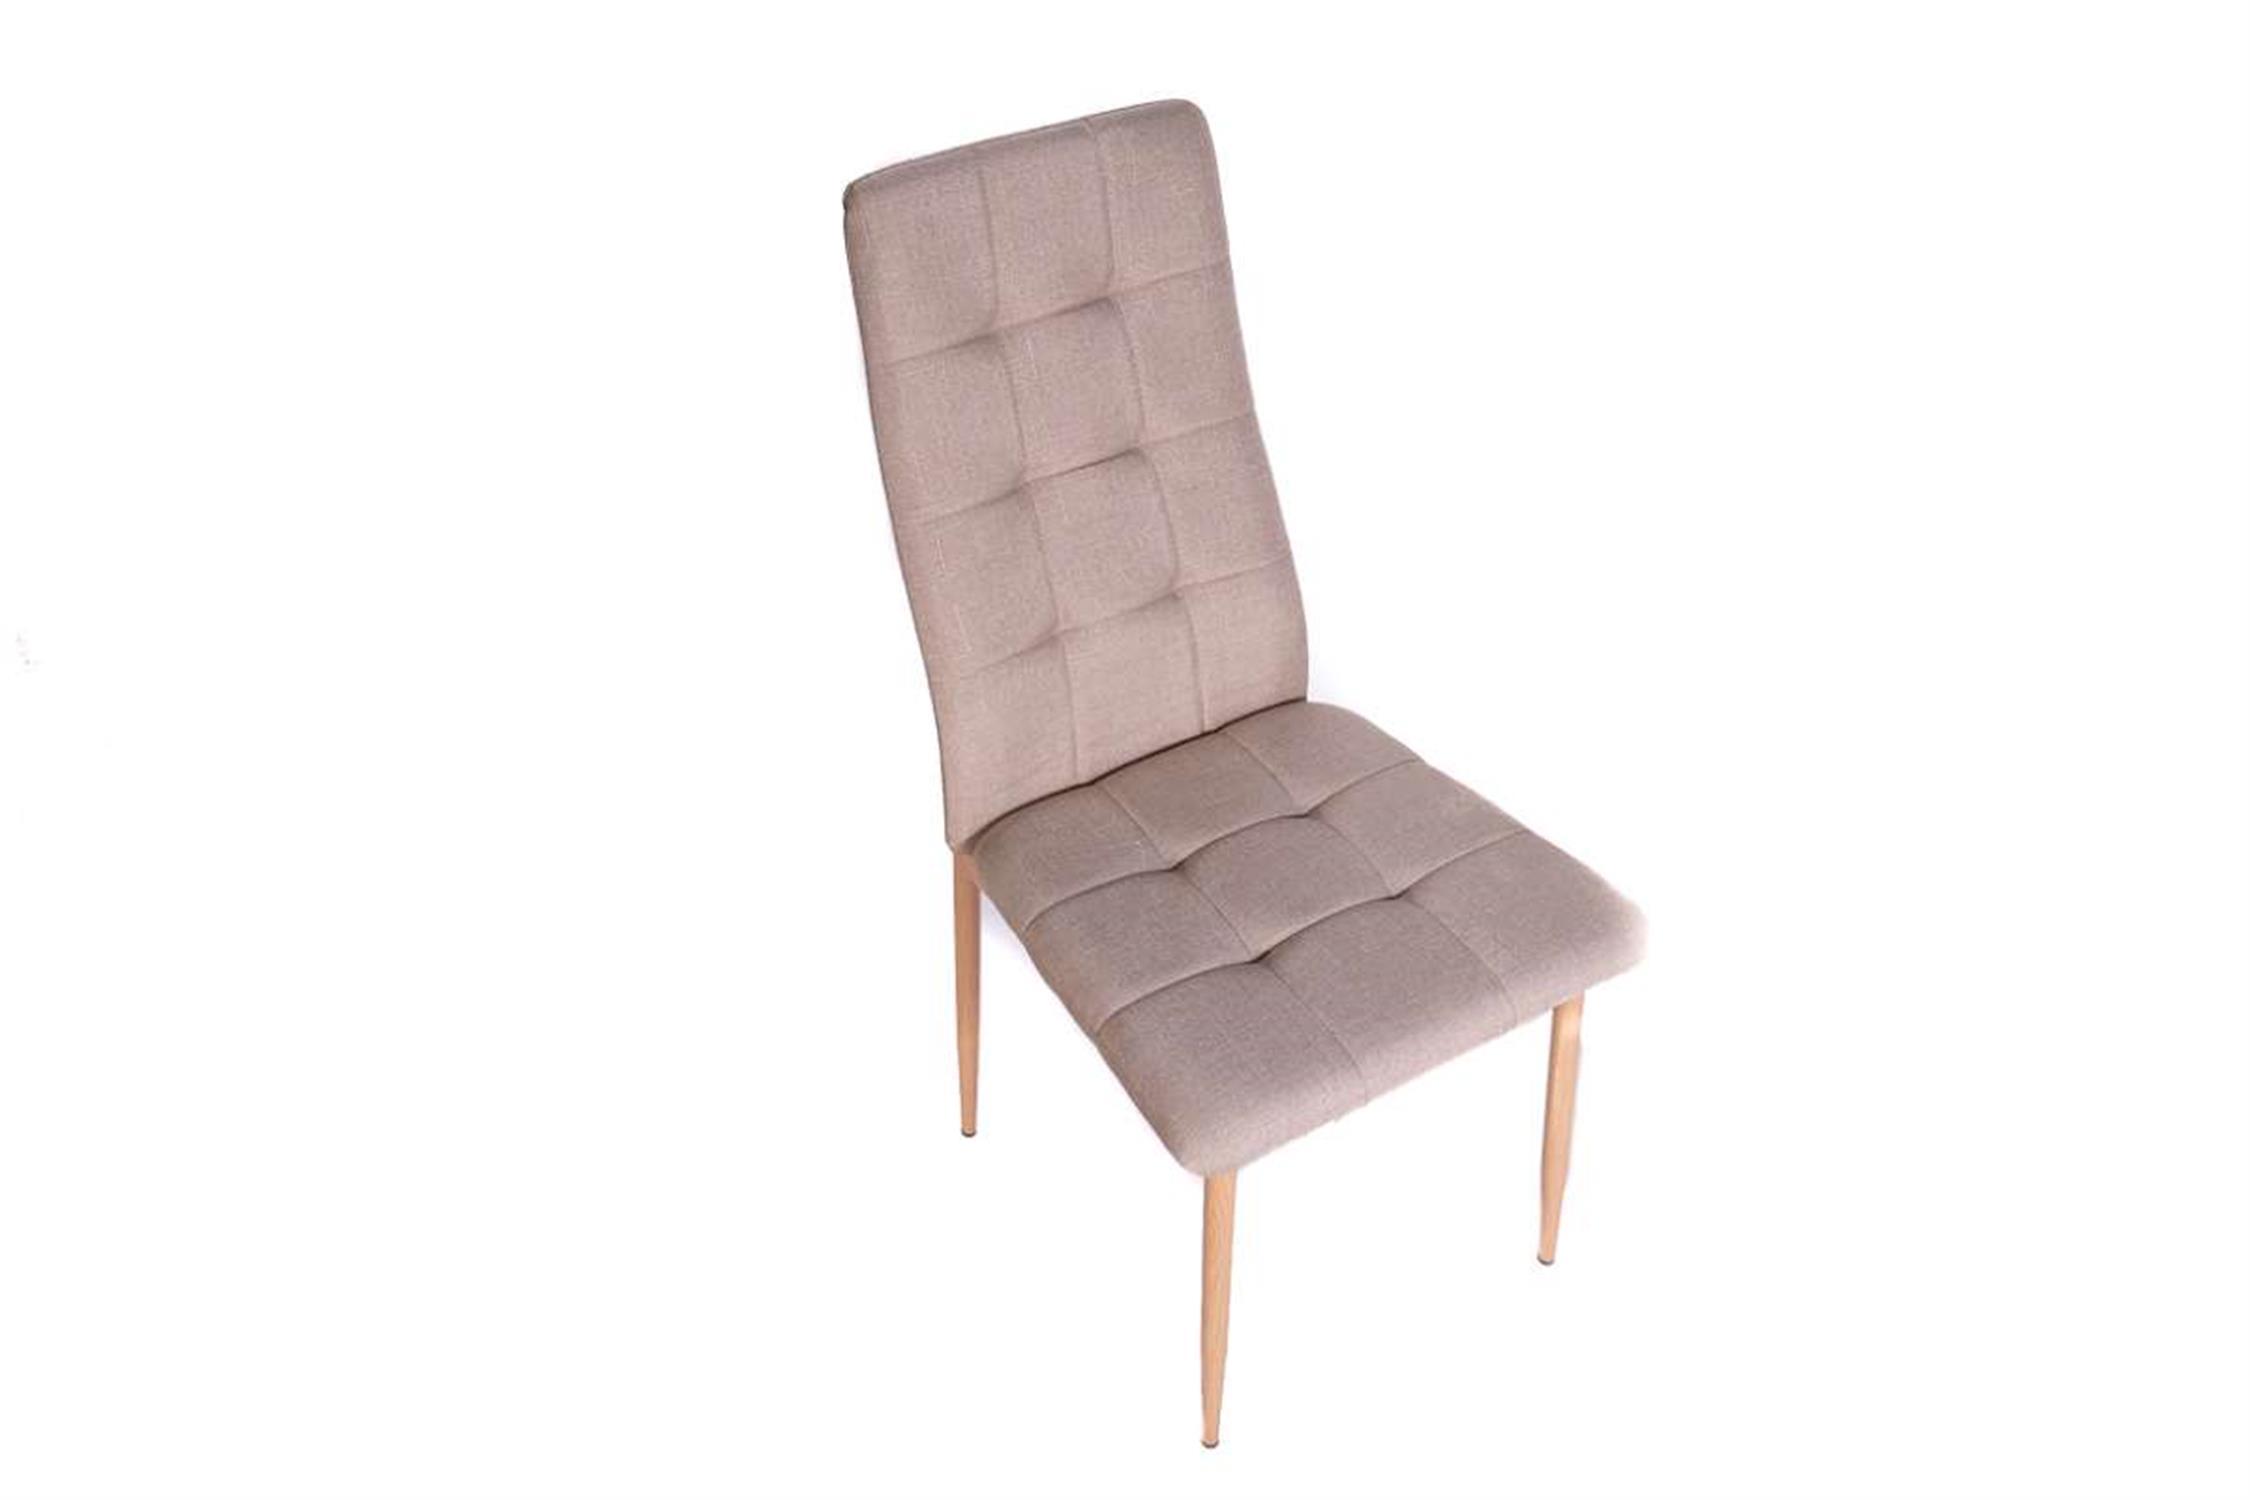 Καρέκλα Rolanda με μεταλλικά πόδια υφασμάτινη μπεζ/natural 46x52x96cm Home Plus 01.01.0882